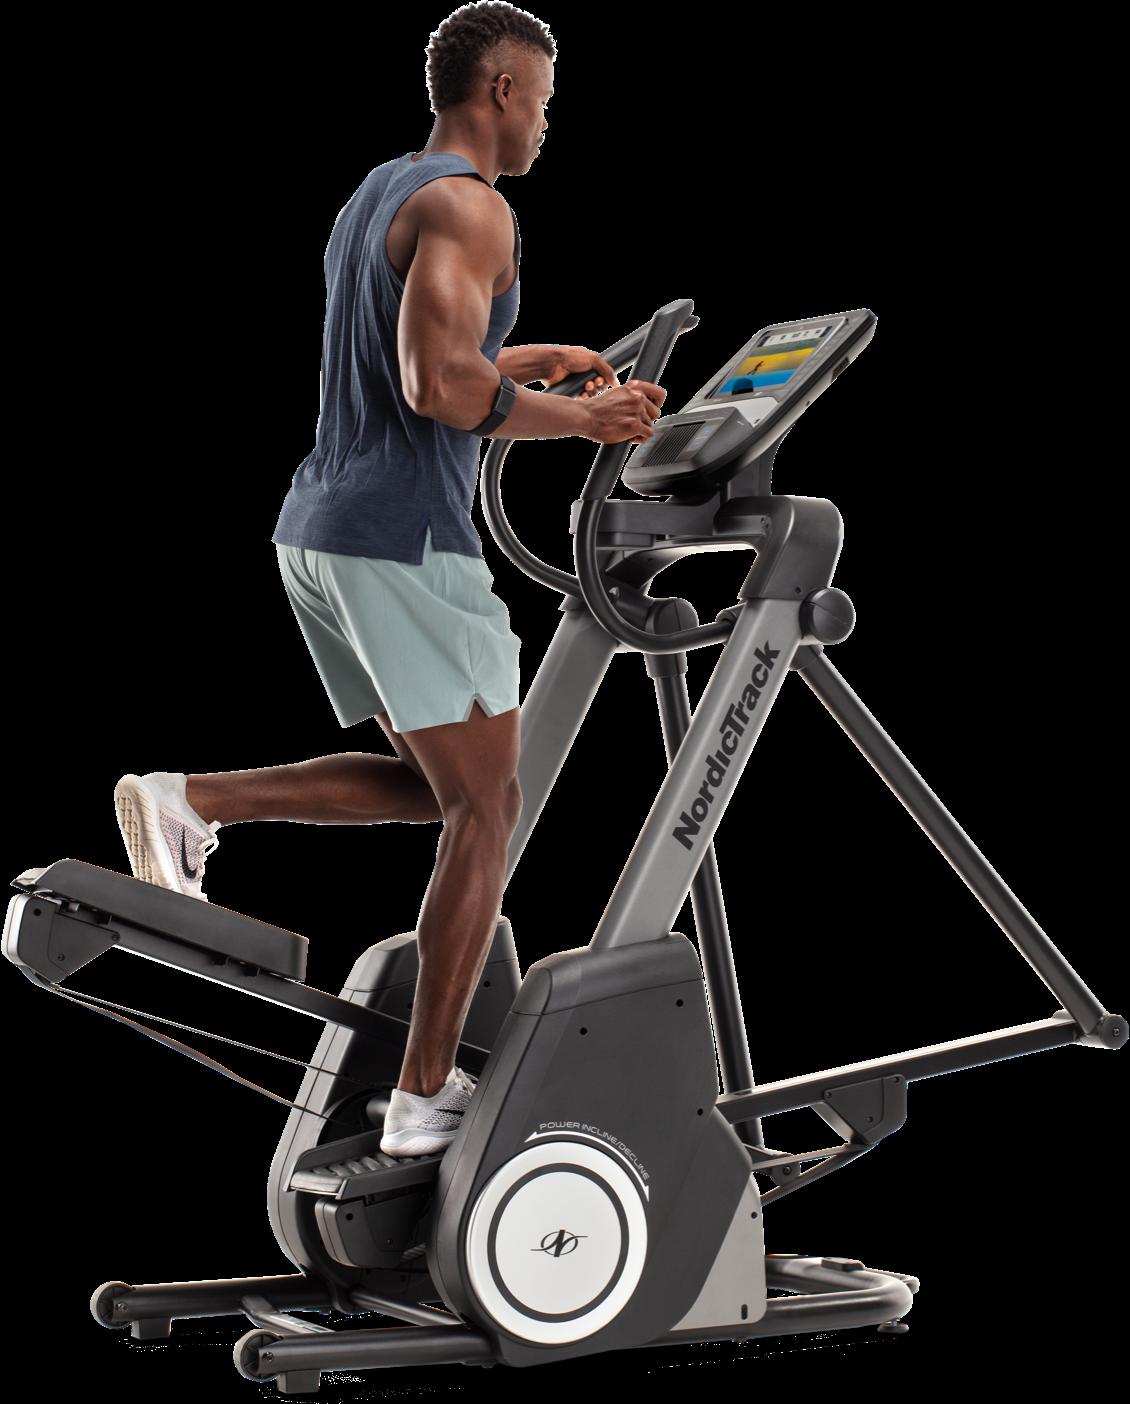 Homme utilisant une machine elliptique avec l'application iFit.